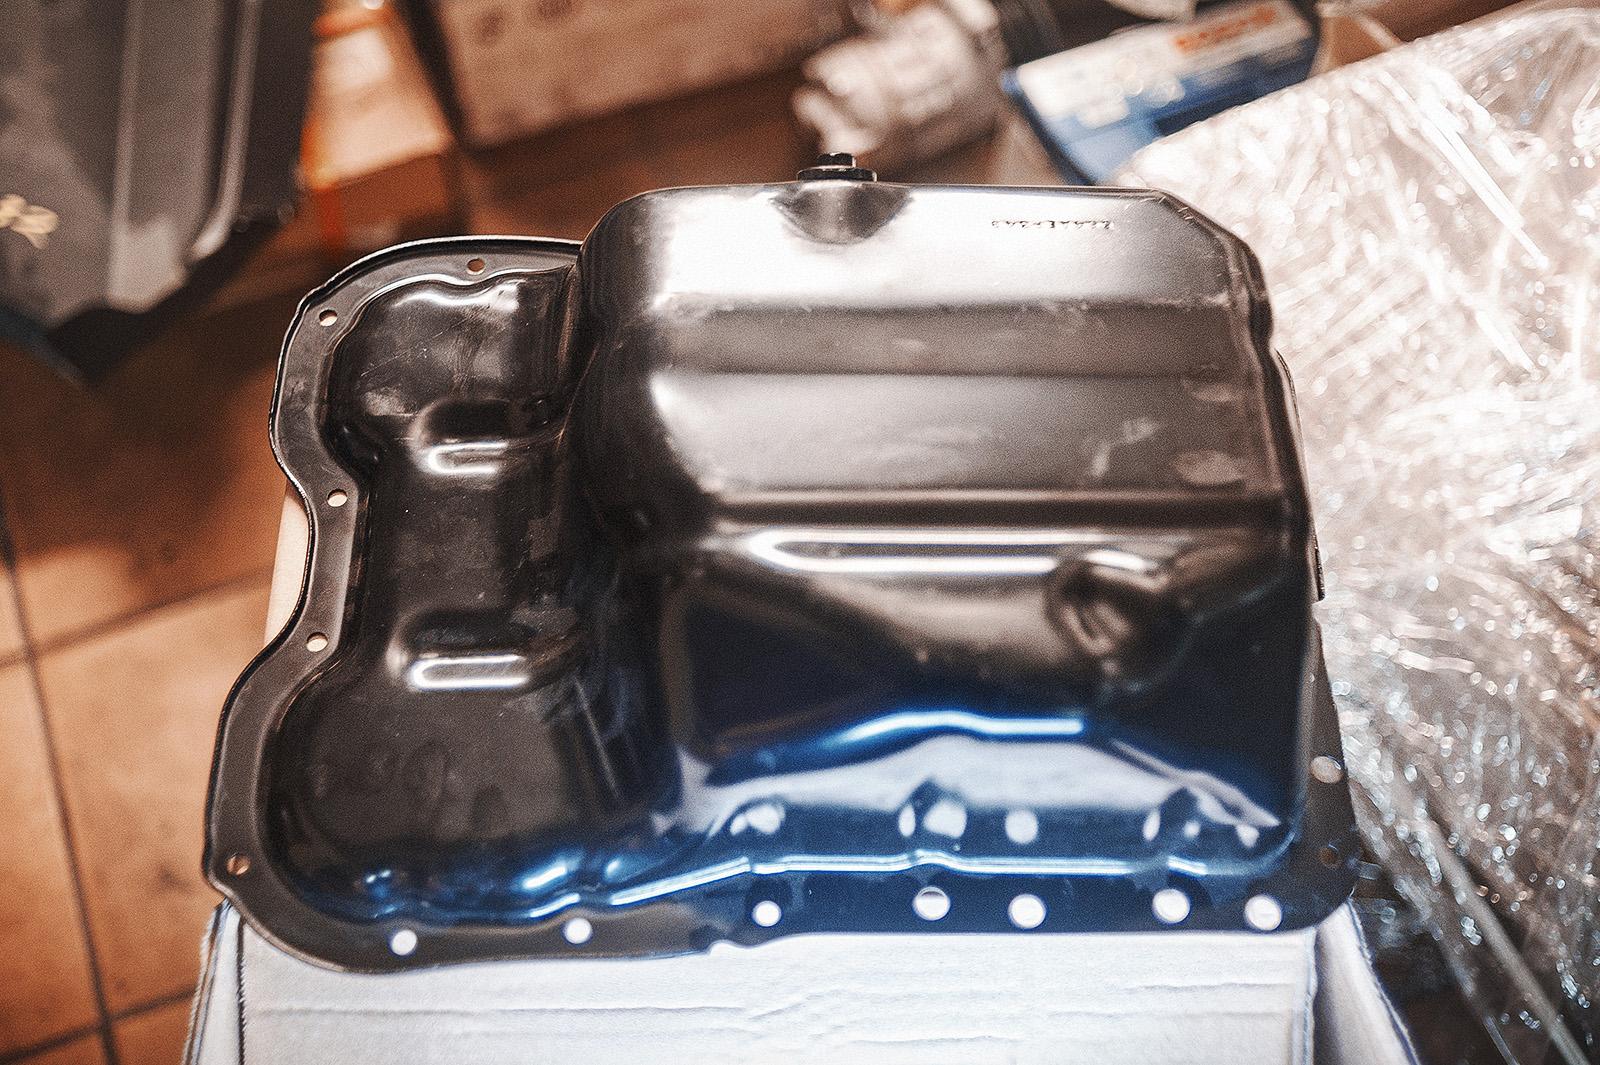 Масляный поддон двигателя Додж Калибр (1.8 литра)